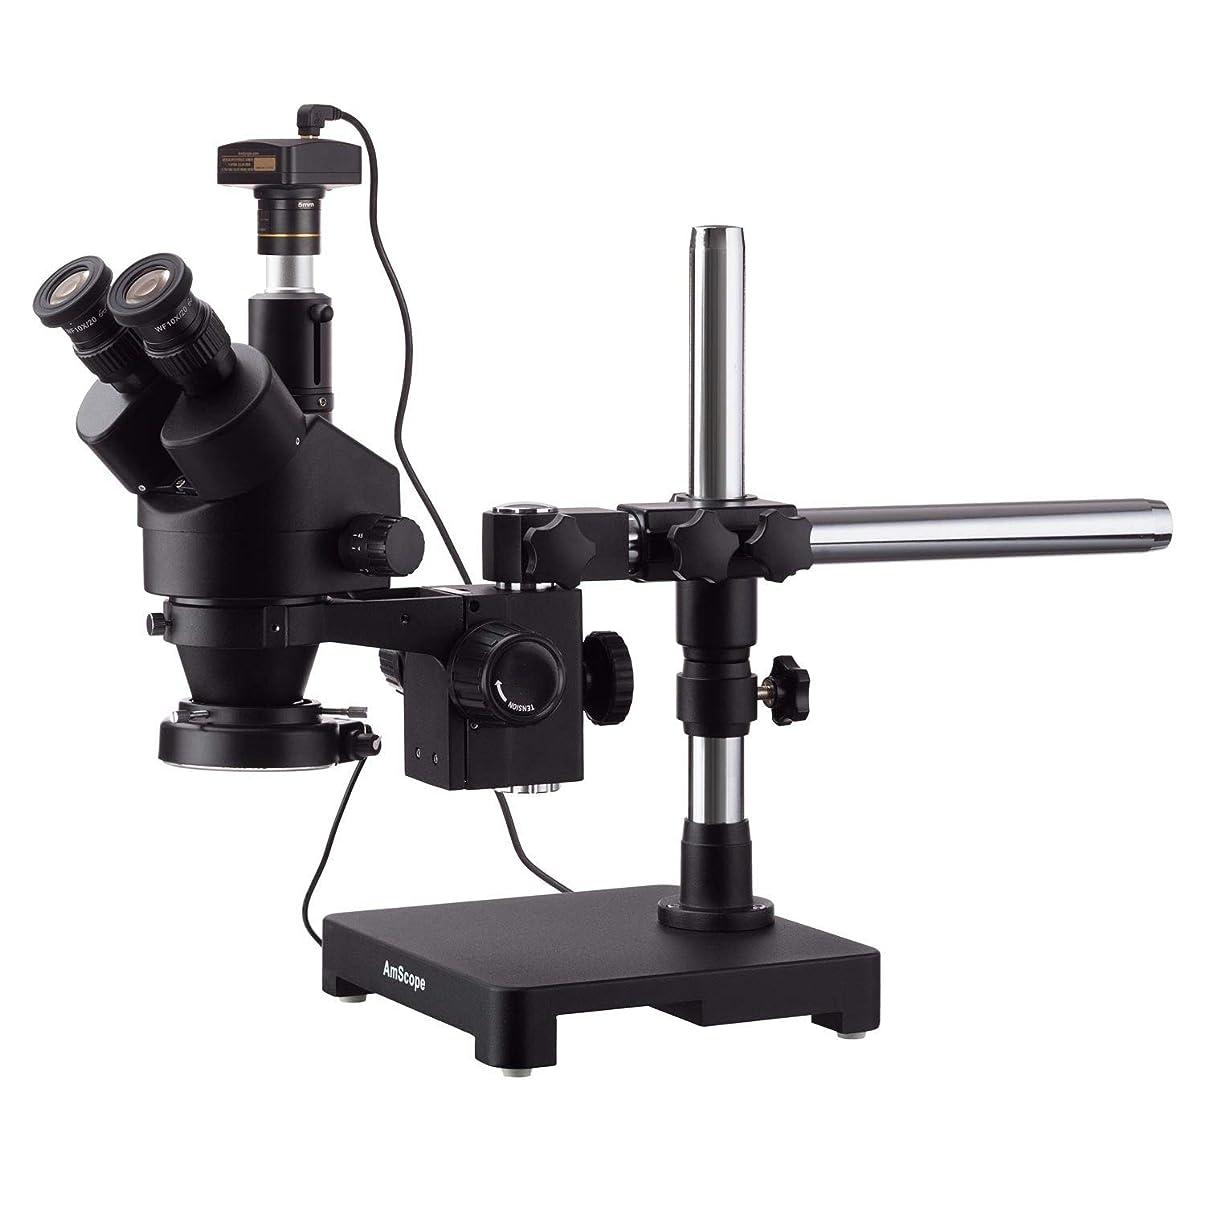 四回流行している近代化するAmScope 14MPカメラ付きシングルアームブームスタンド+ 144 LEDコンパクトリングライトの7X-90Xブラック三眼鏡ステレオズーム顕微鏡